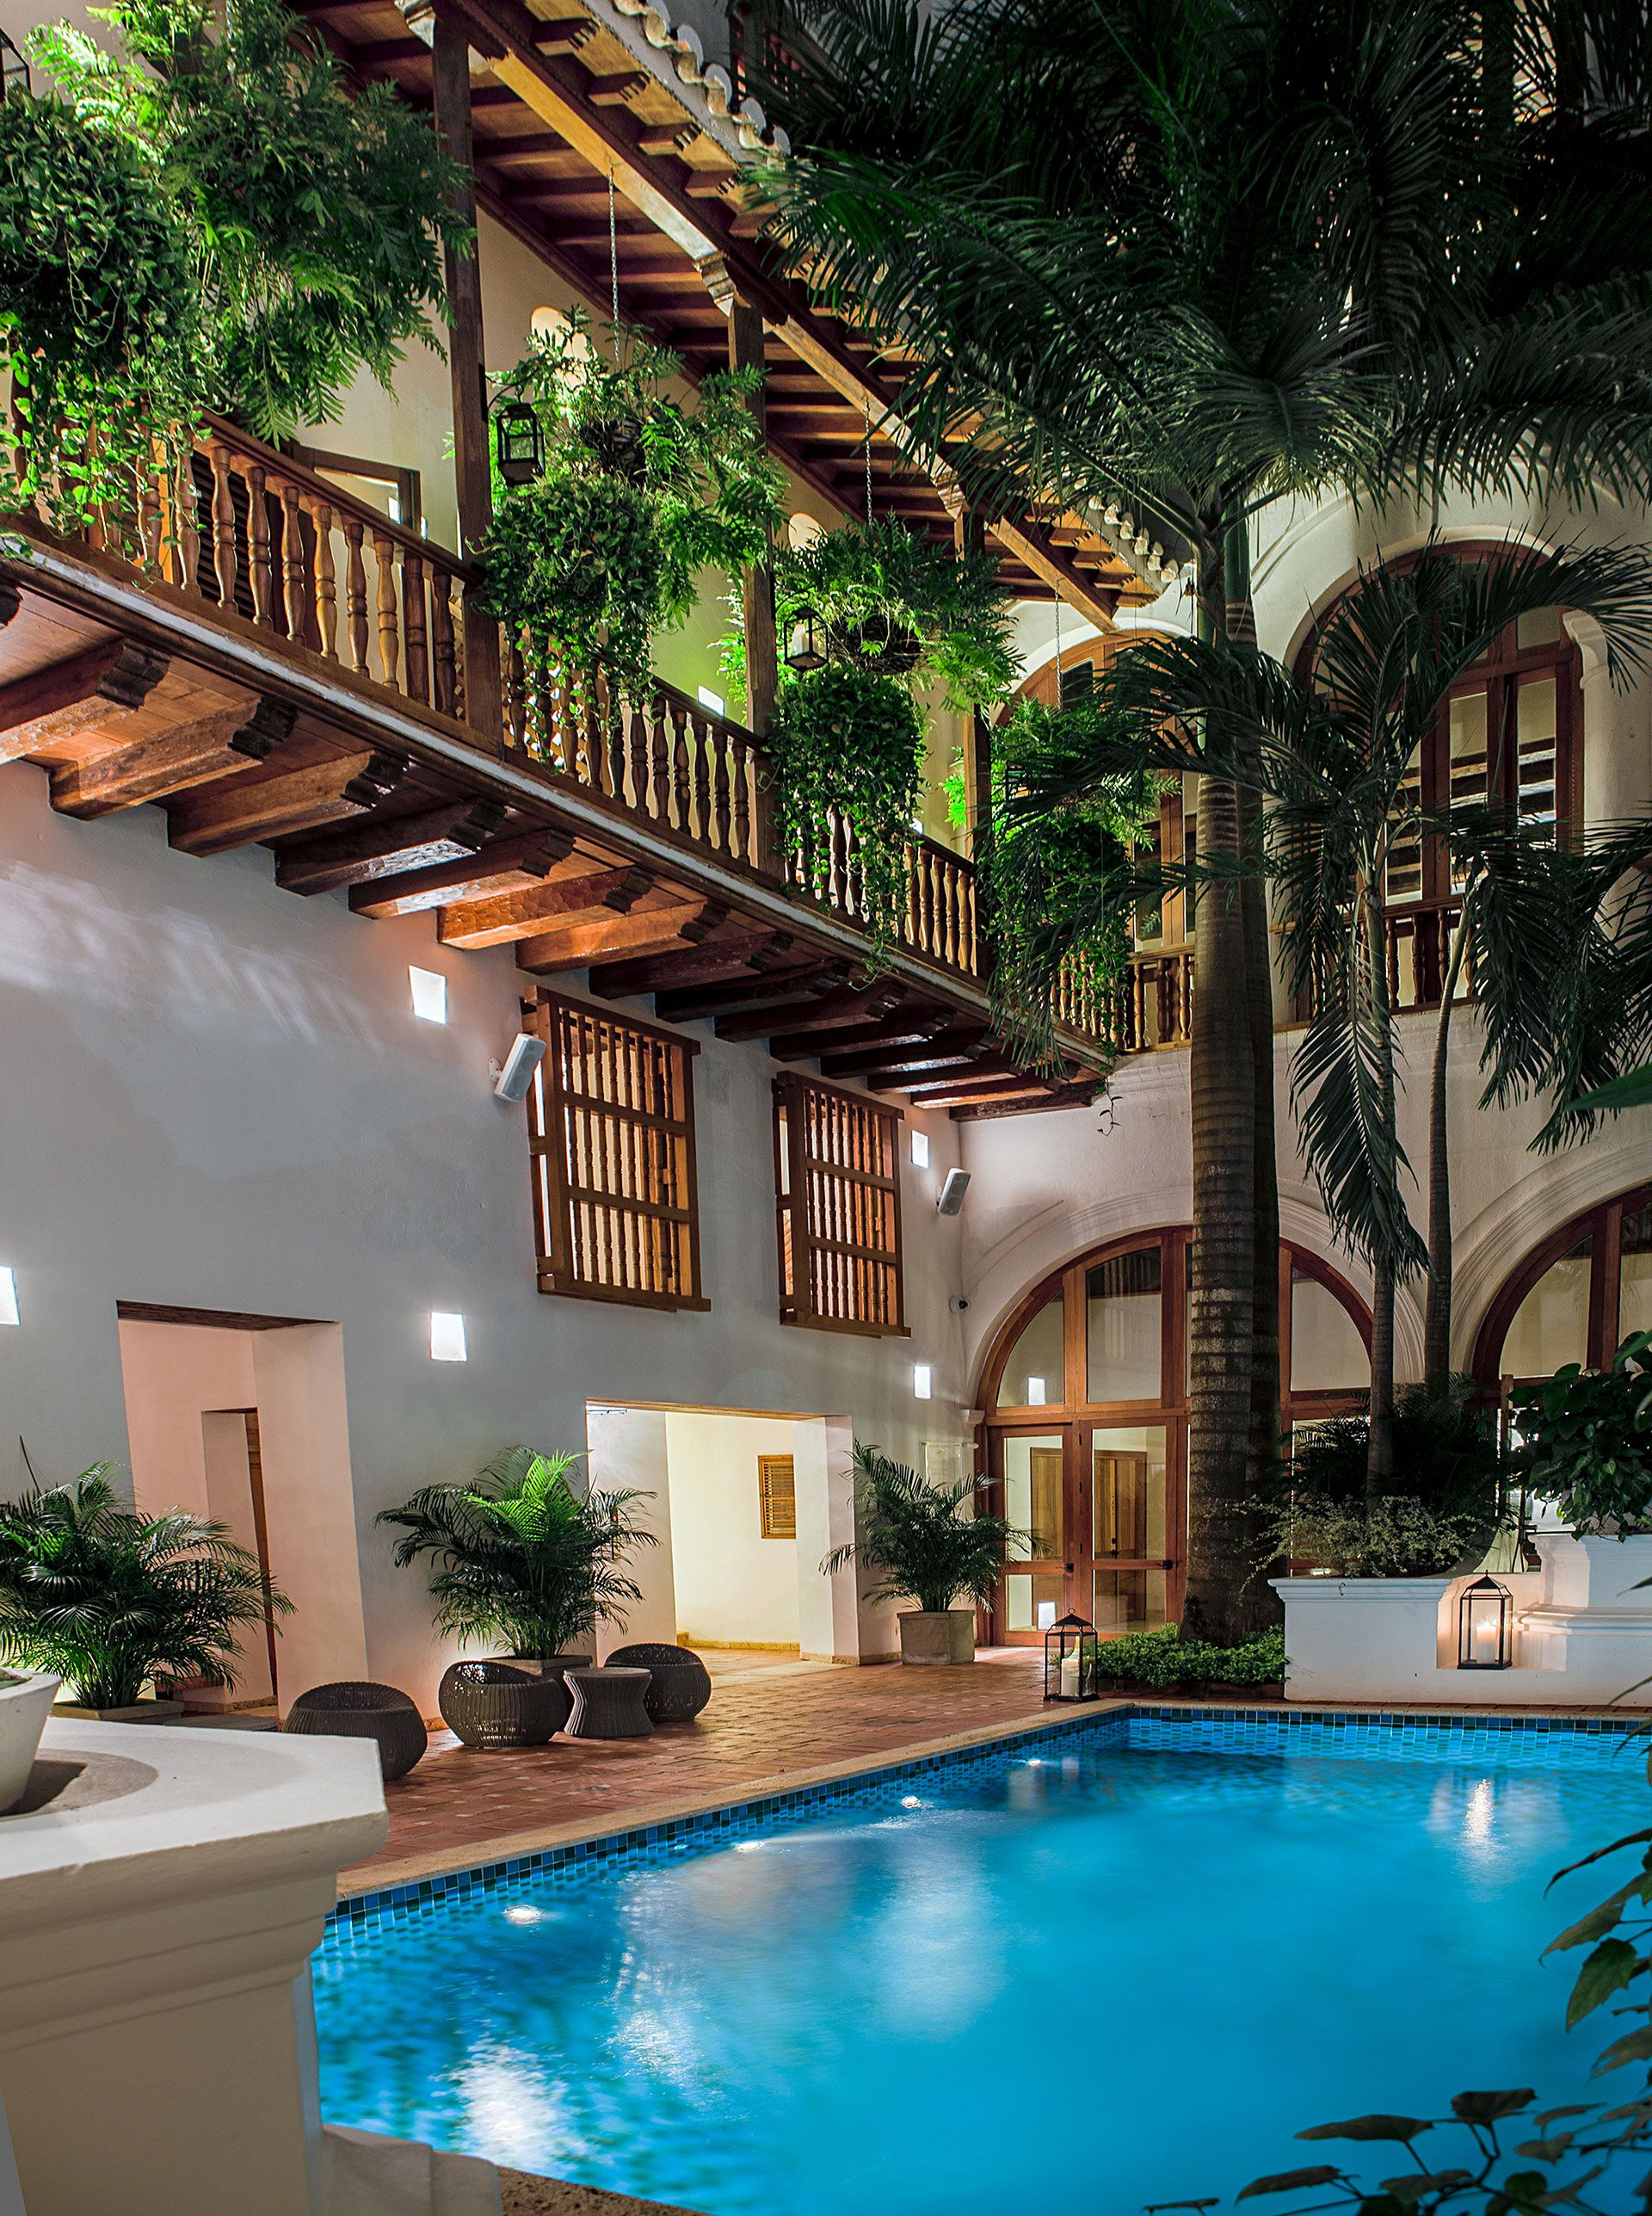 Hotel Casa San Agustín Cartagena Colombia